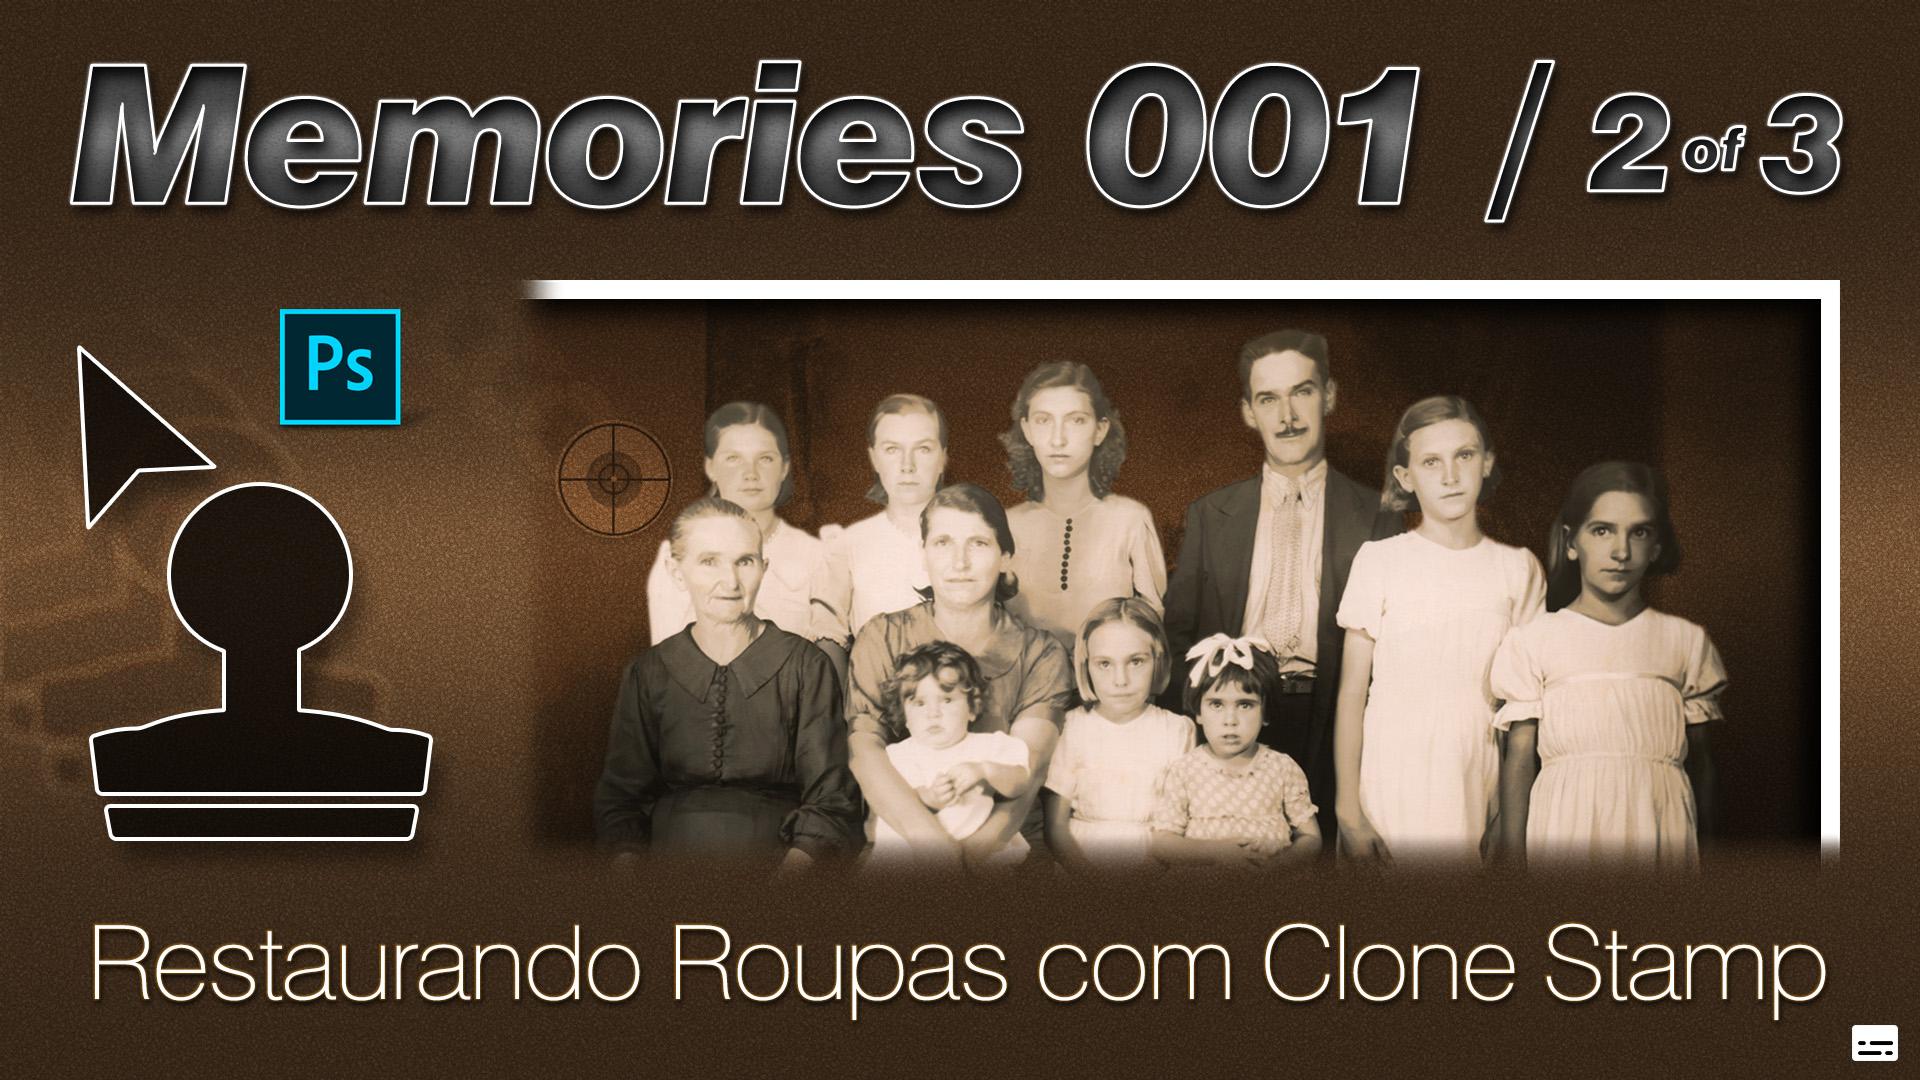 Memories | Restaurando Roupas com Clone Stamp | Photoshop